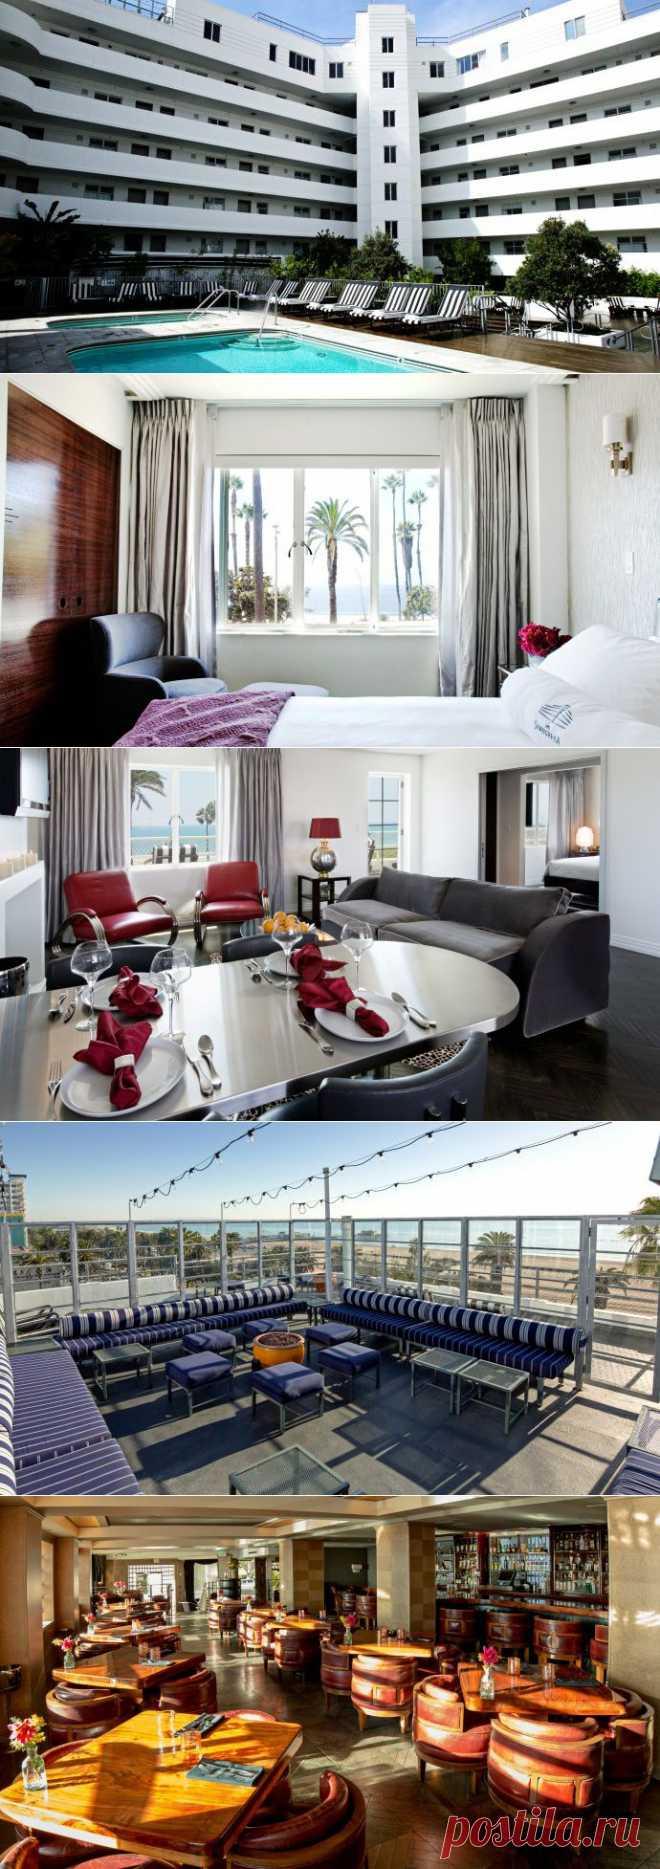 Отель Shangri-La Santa Monica (Санта-Моника, Калифорния)